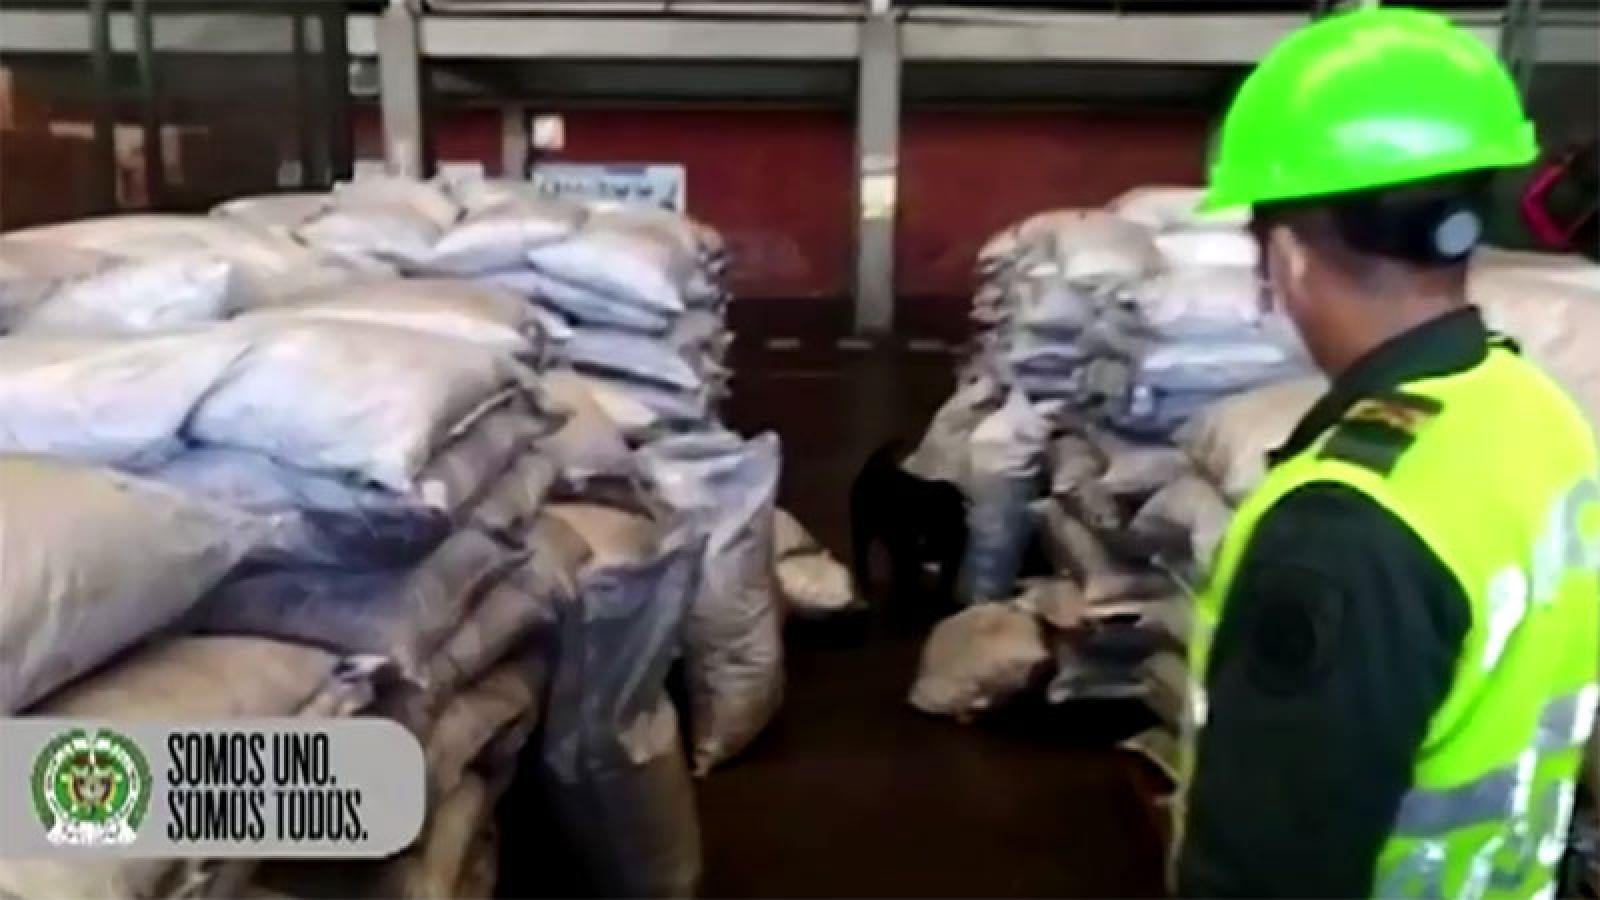 Cảnh sát Colombia bắt giữ lượng lớn Cocain trị giá 265 triệu USD